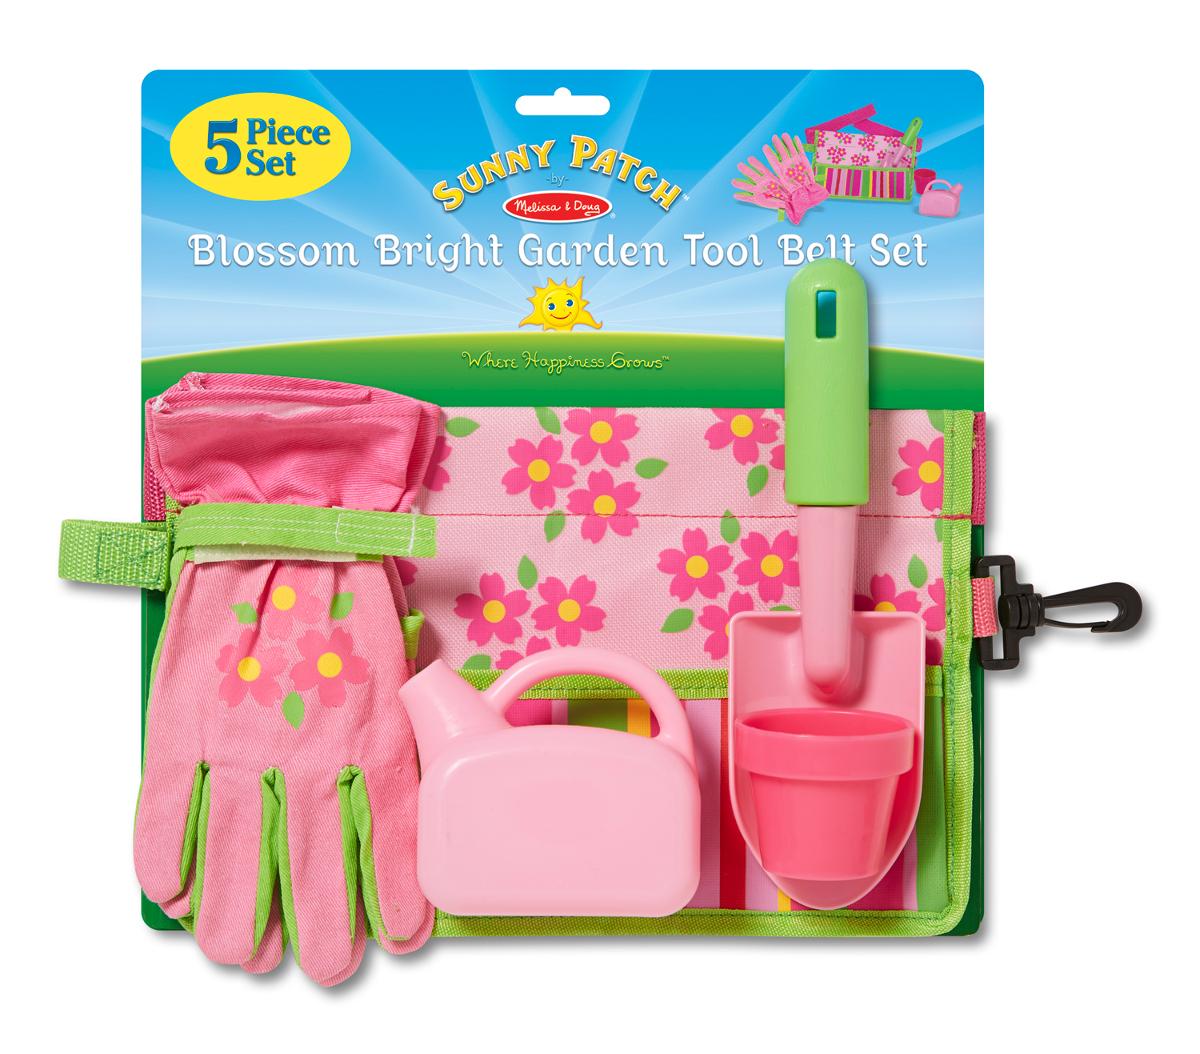 Blossom bright garden tool belt set for Gardening tools crossword